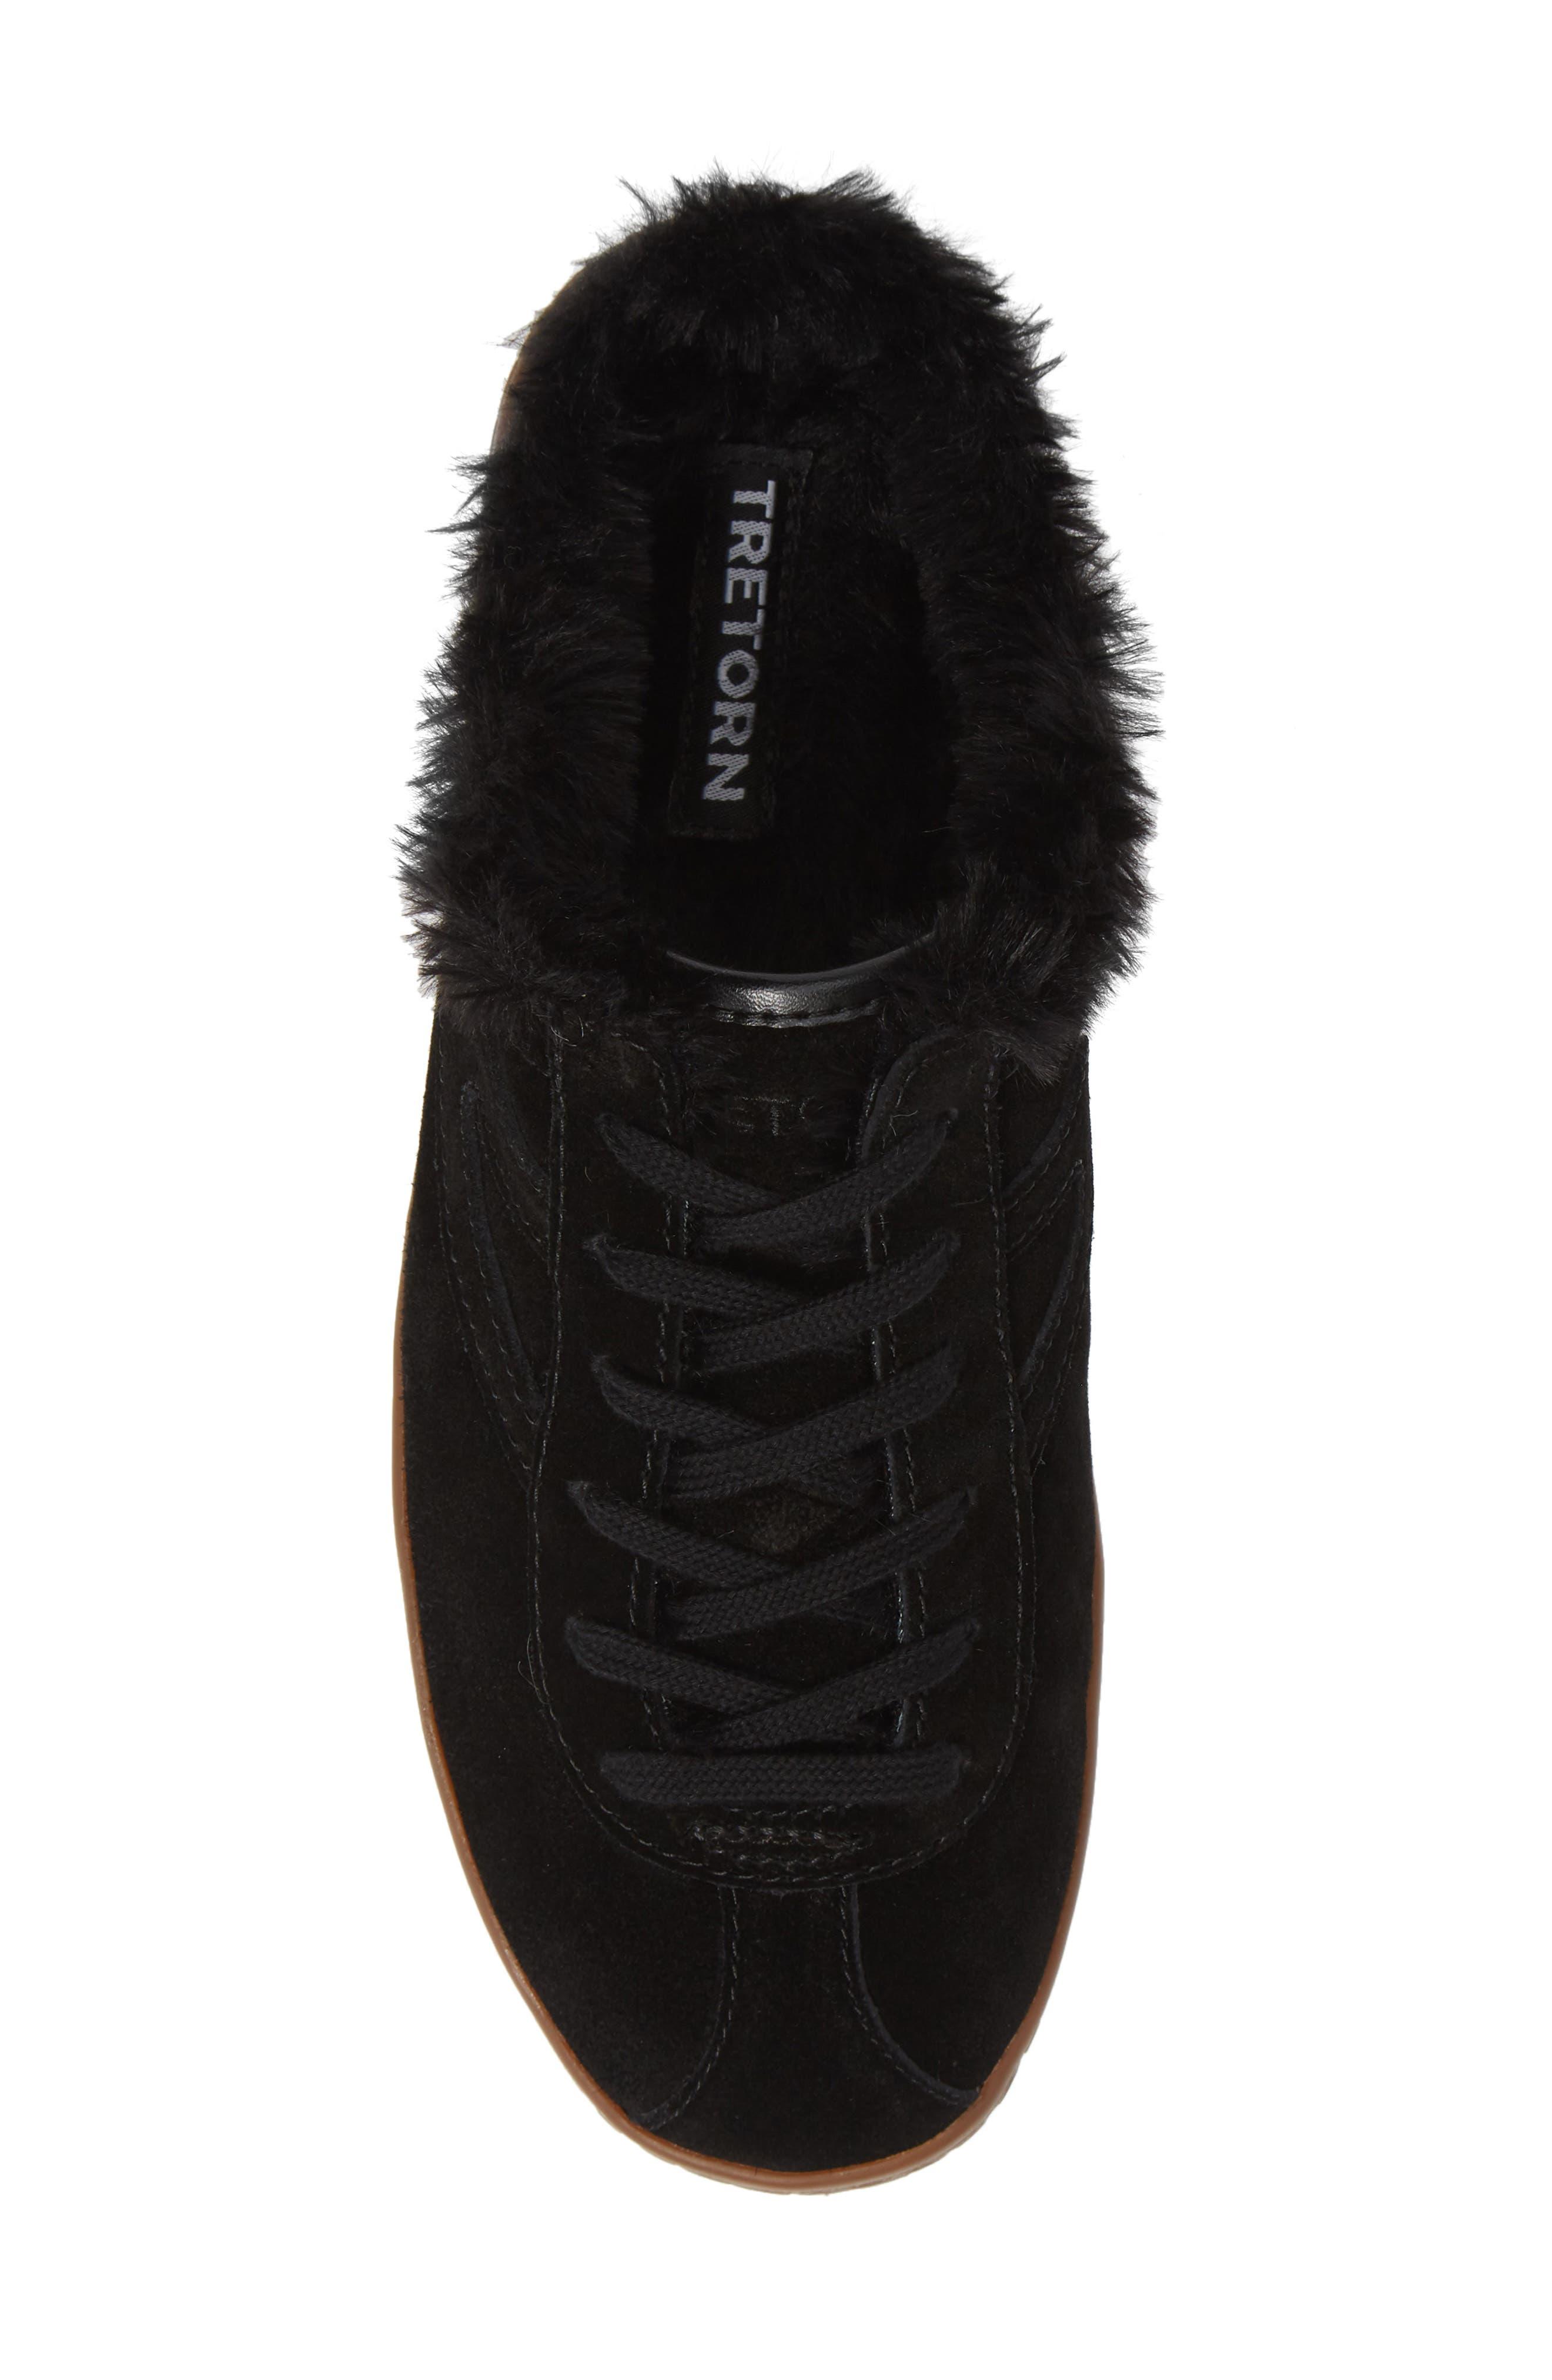 Cam 2 Slip-On Sneaker,                             Alternate thumbnail 5, color,                             BLACK